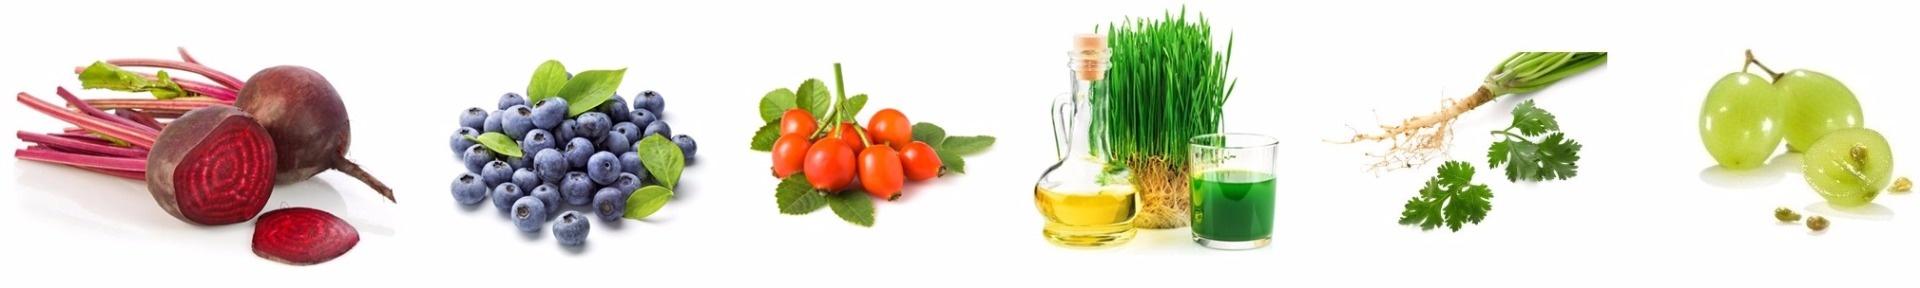 ingredienten ijzerdruppels